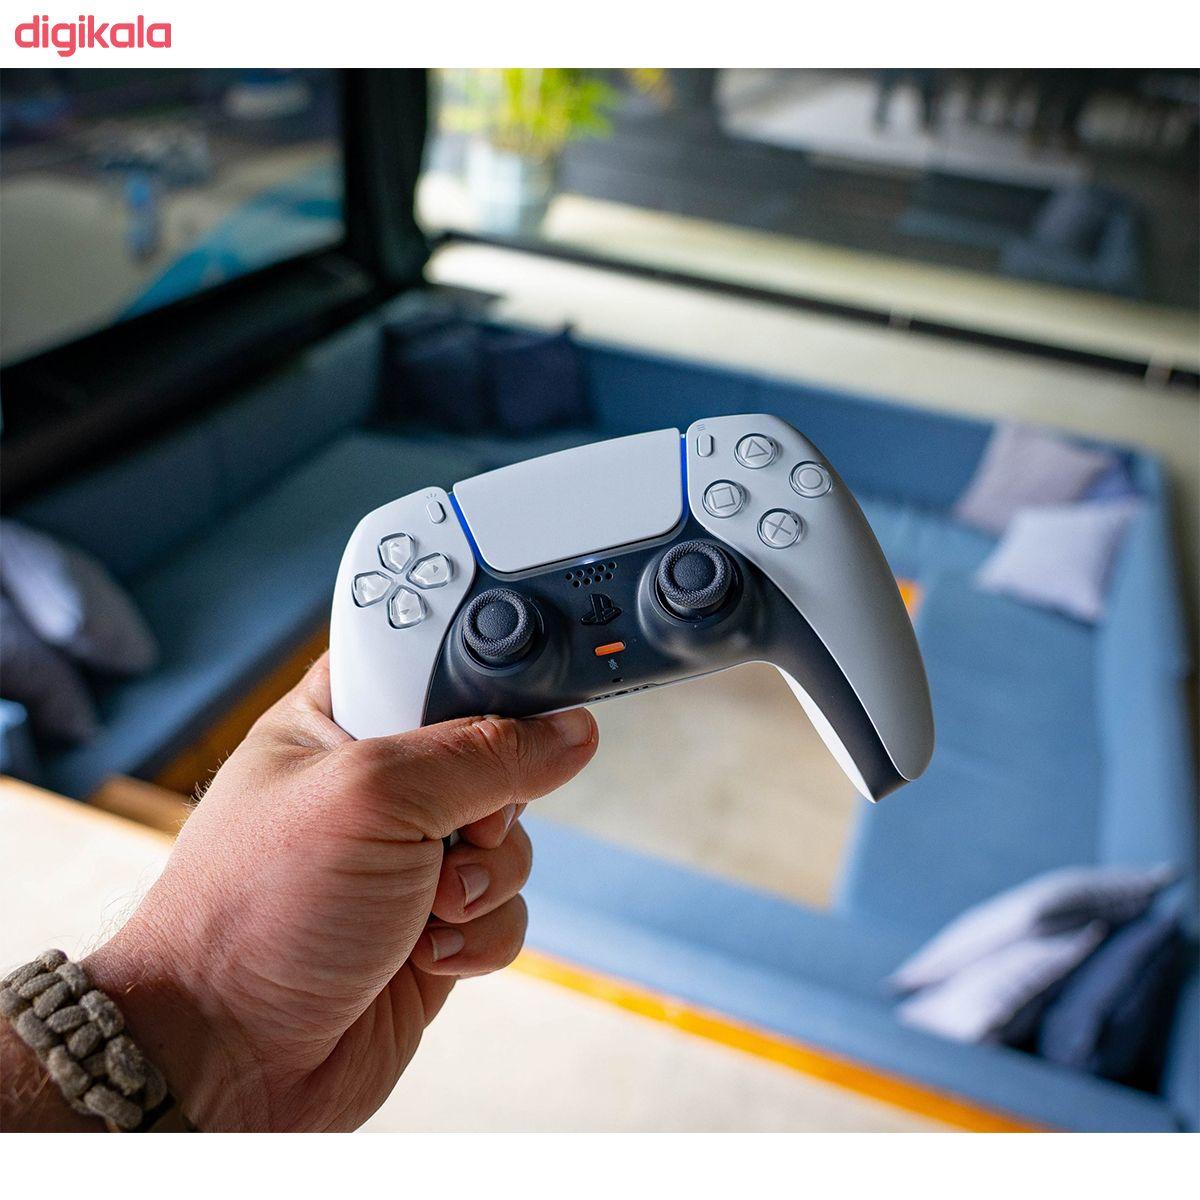 مجموعه کنسول بازی سونی مدل PlayStation 5 ظرفیت 825 گیگابایت به همراه دسته اضافی main 1 9